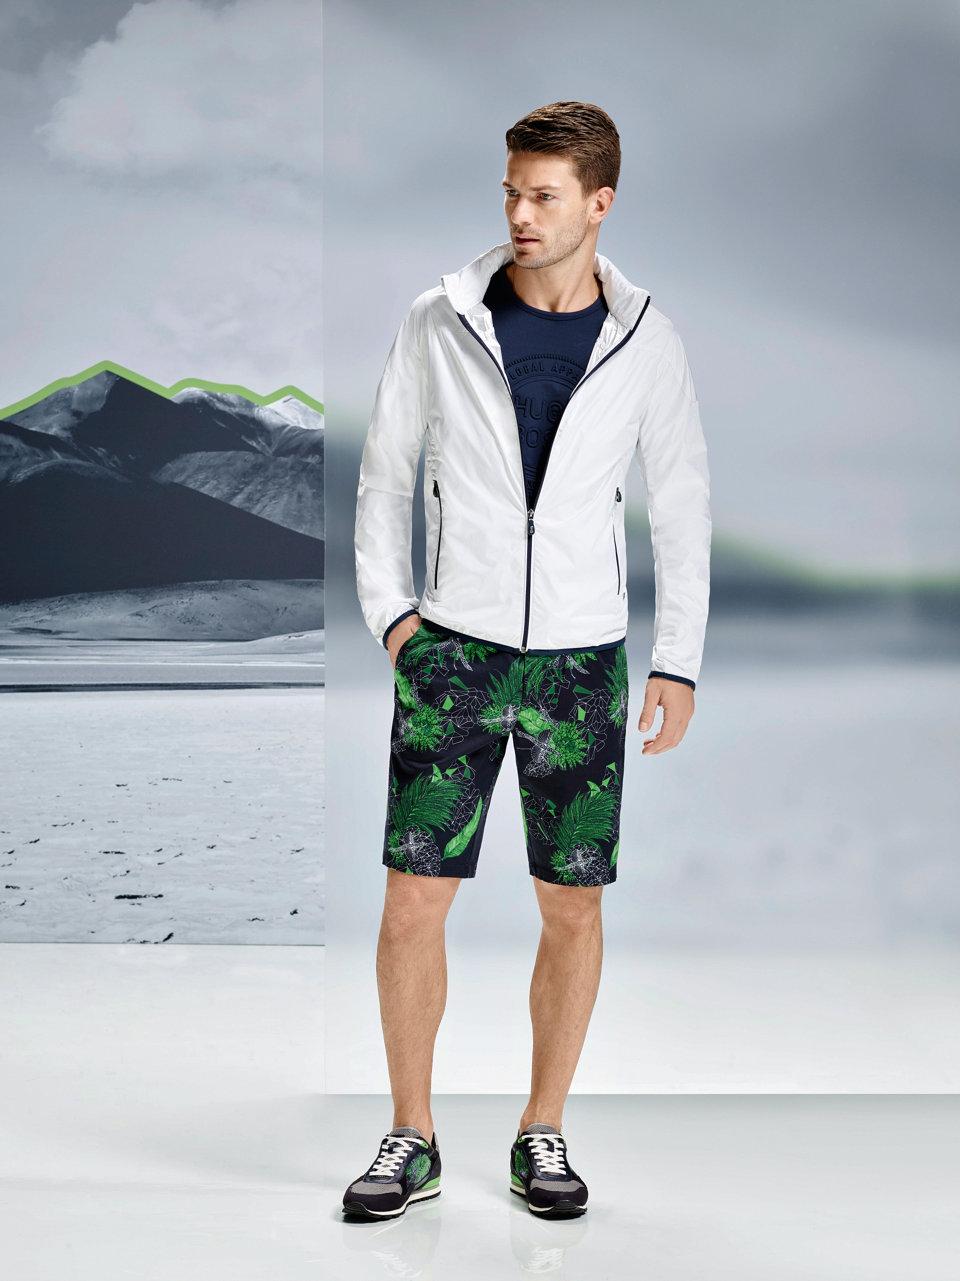 Weiße Jacke, dunkelblaues Shirt und dunkelblaue Shorts vonBOSSGreen